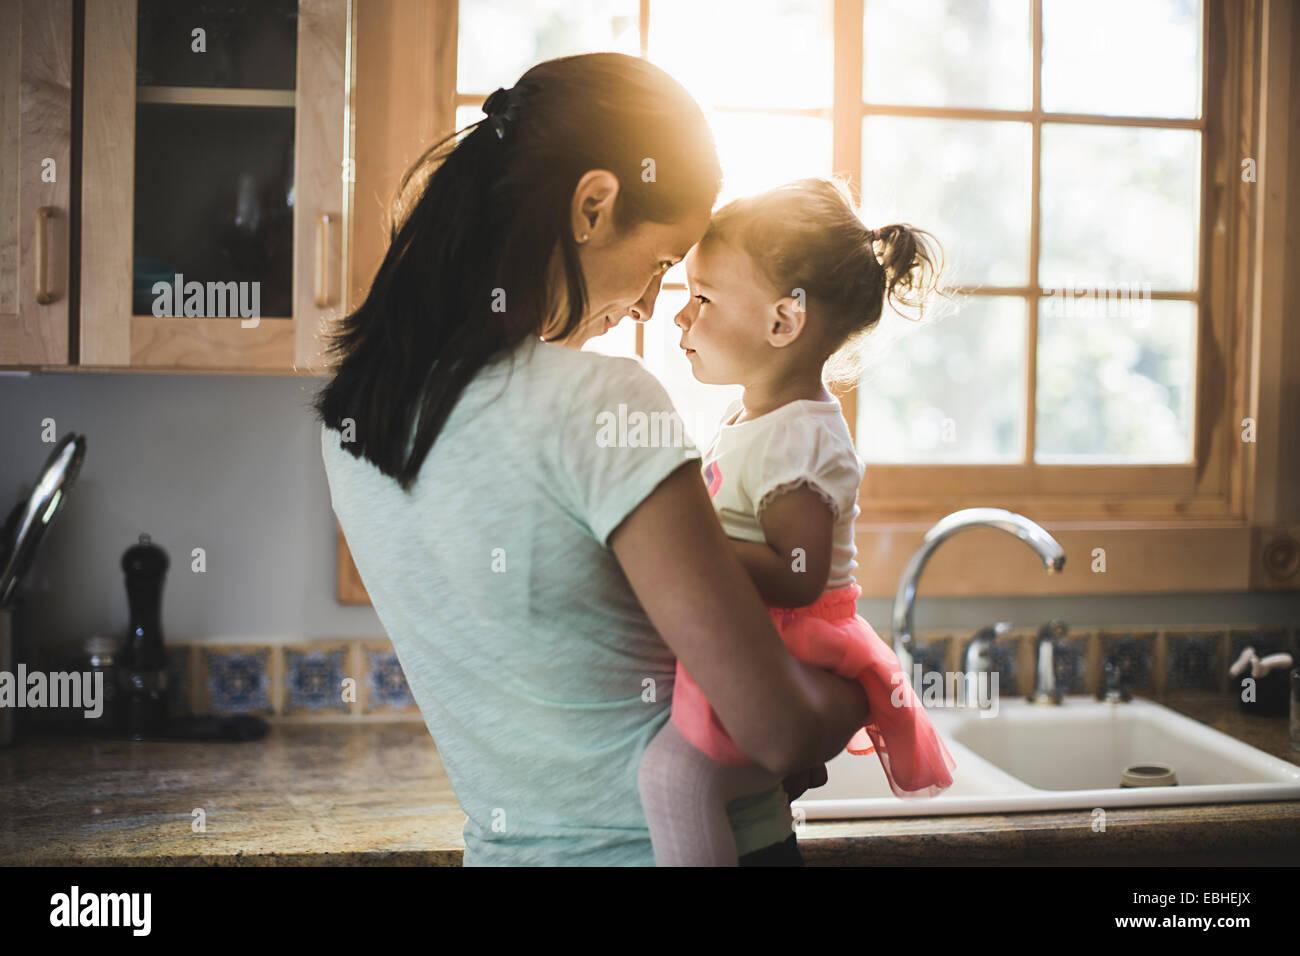 Mãe e filha jogando na cozinha Imagens de Stock